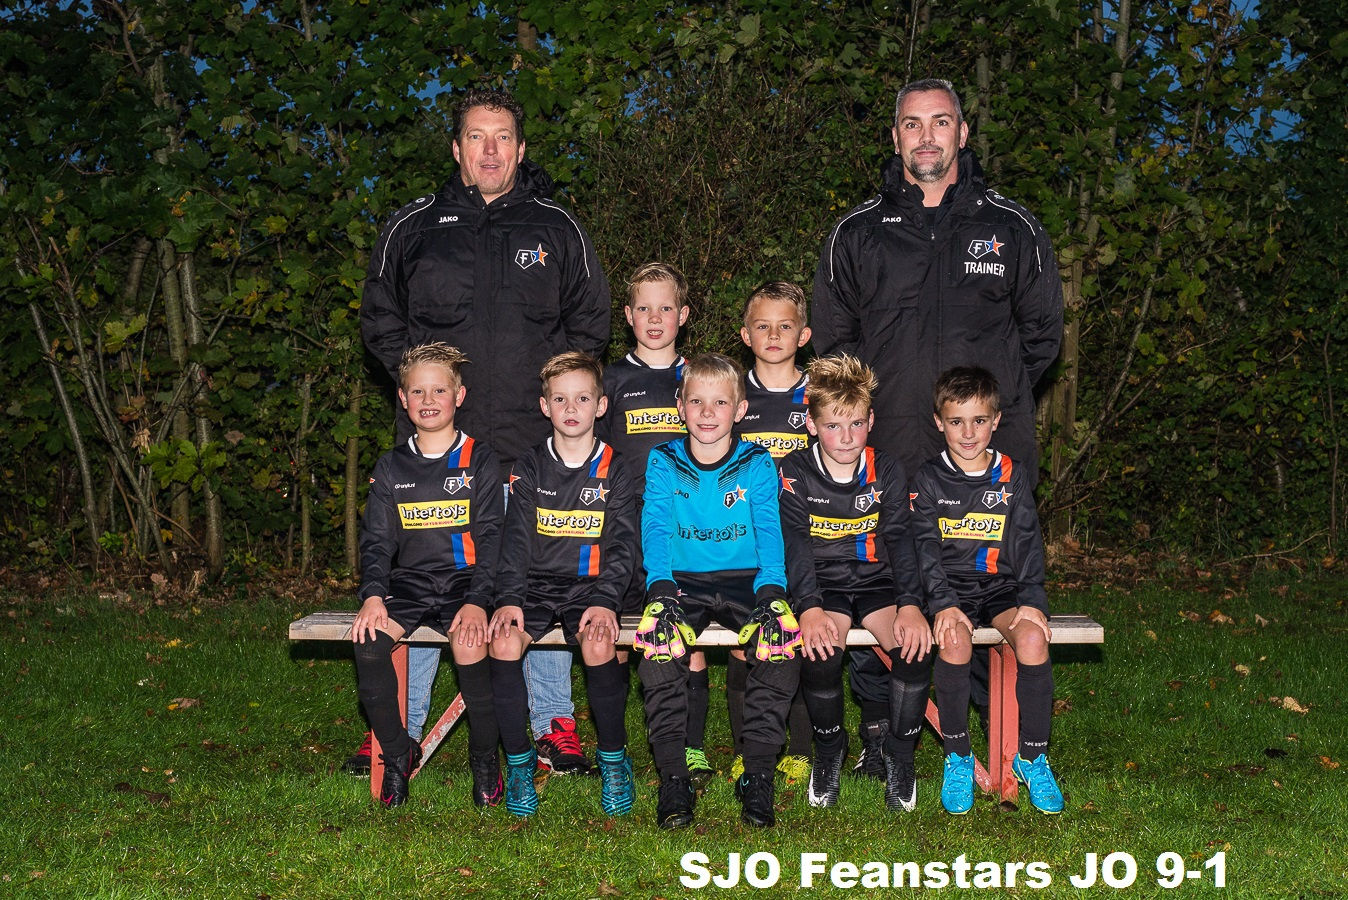 SJO Feanstars JO 9-1